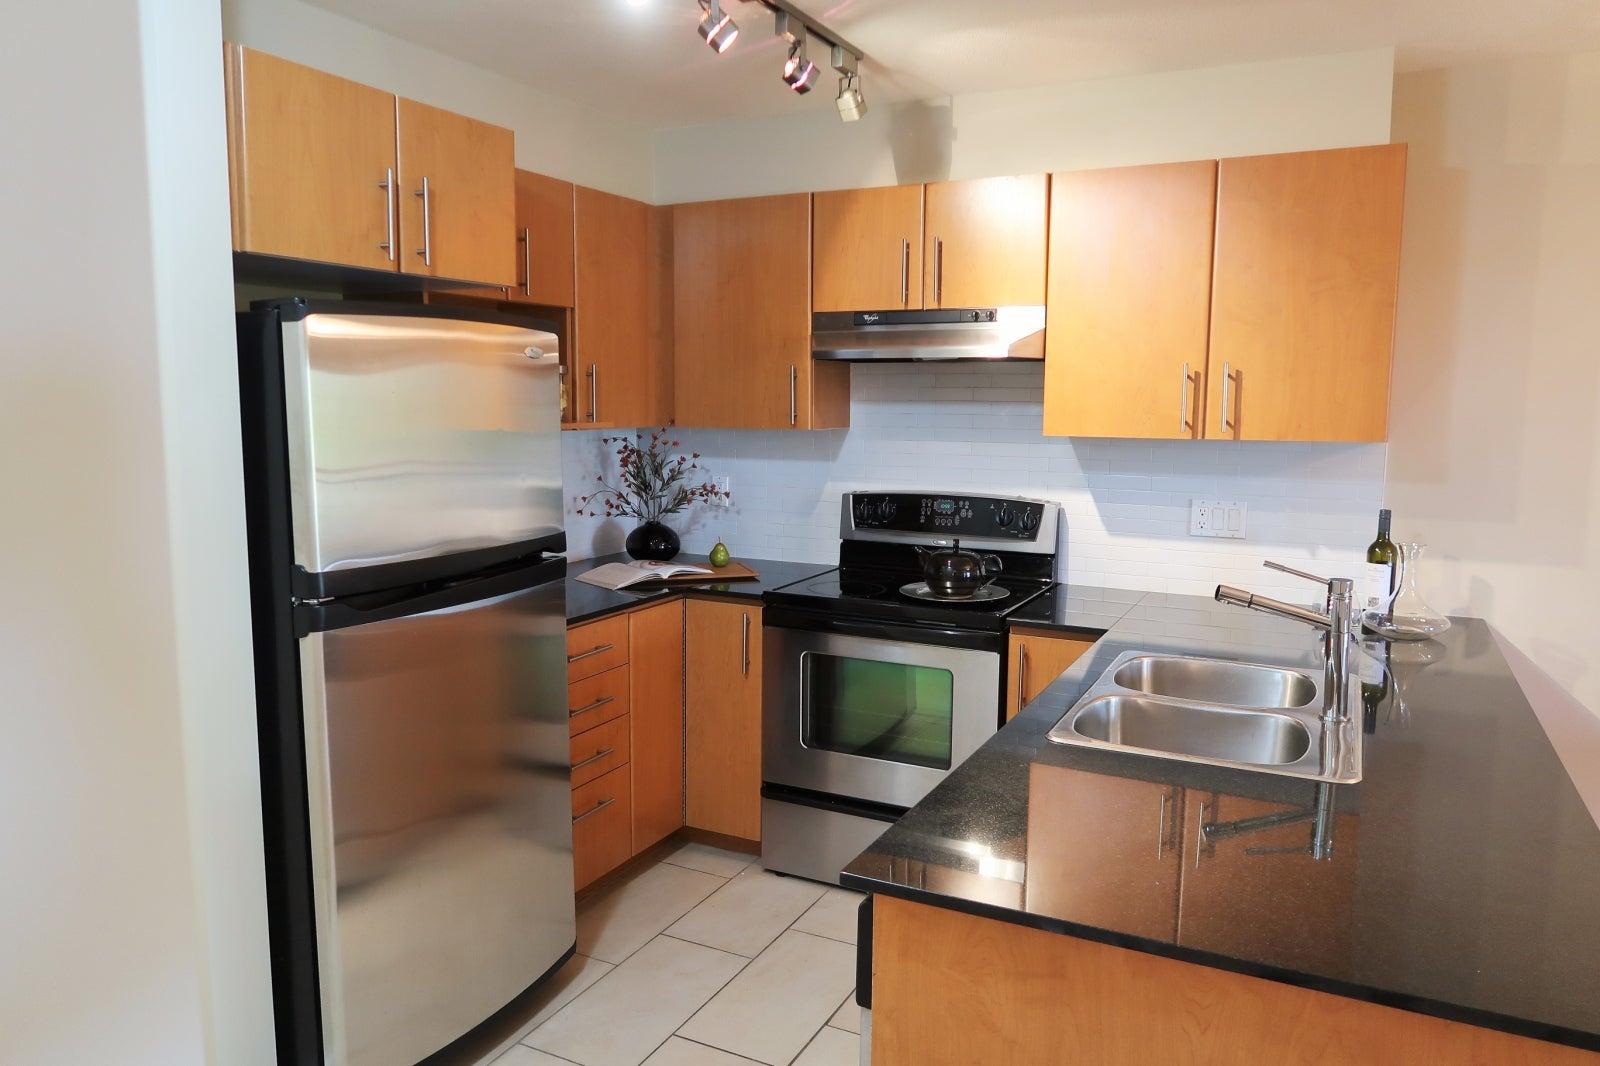 314 1633 MACKAY AVENUE - Pemberton NV Apartment/Condo for sale, 1 Bedroom (R2148211) #11